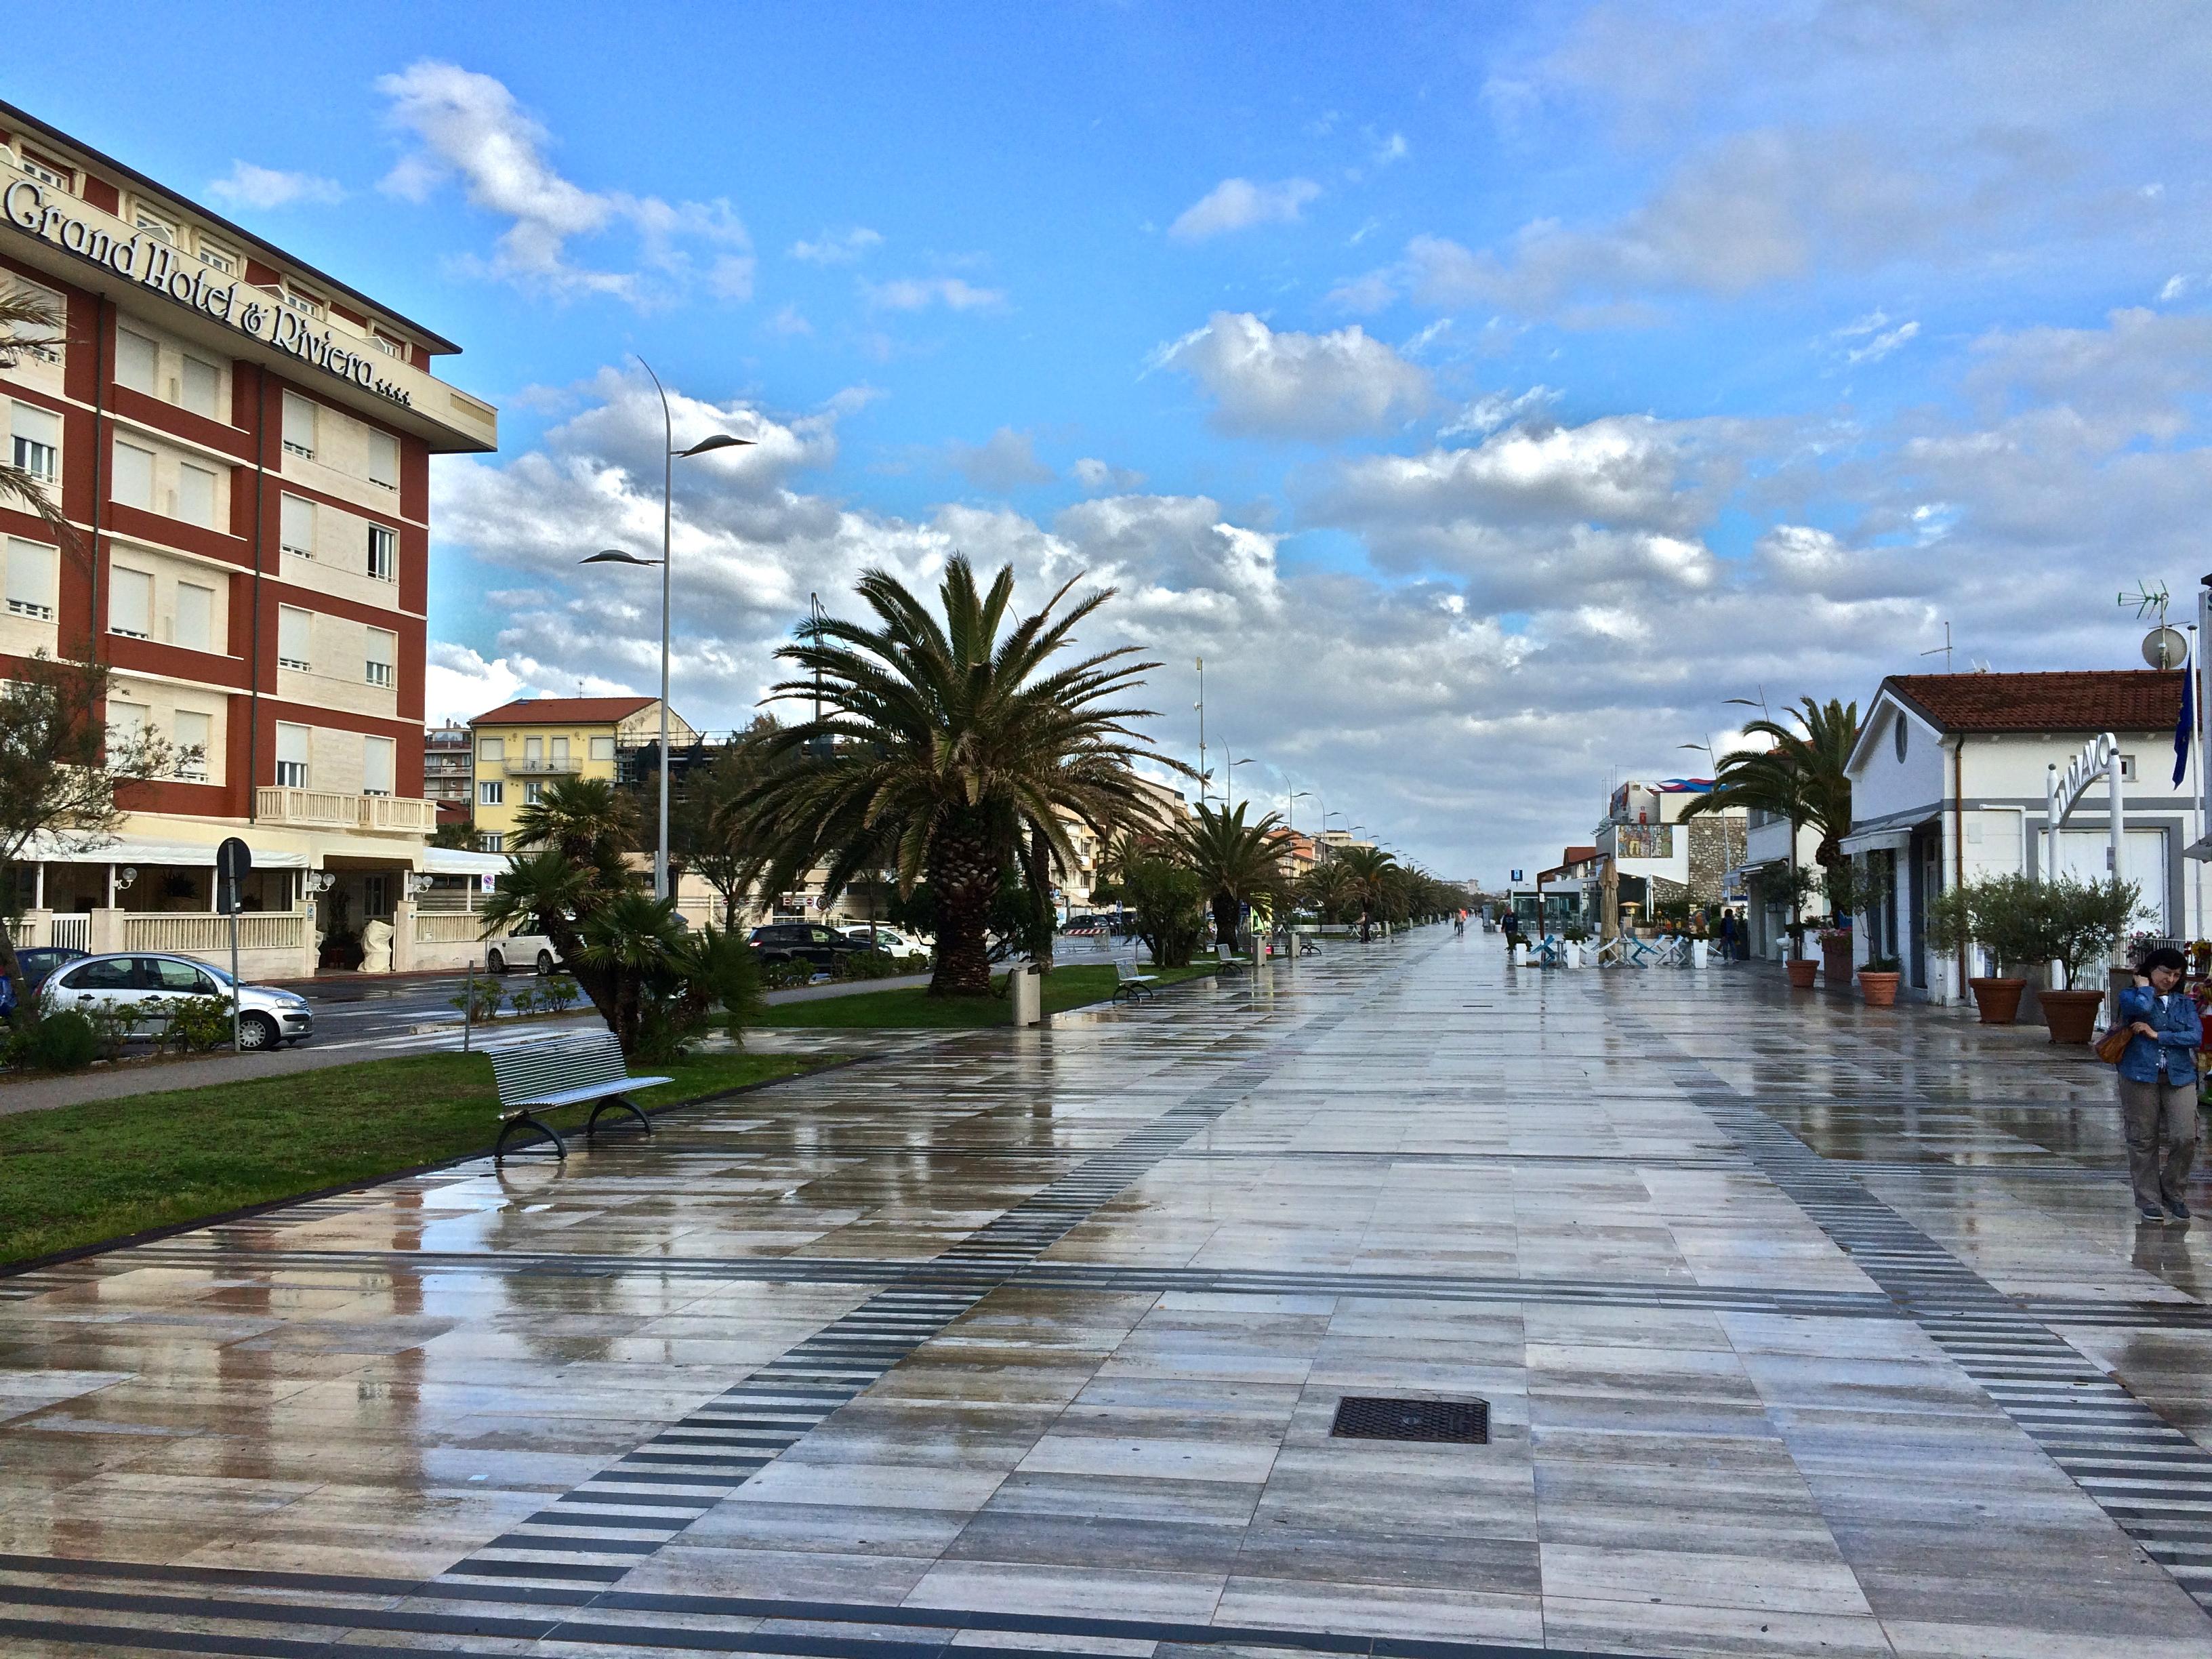 Promenade von Viareggio